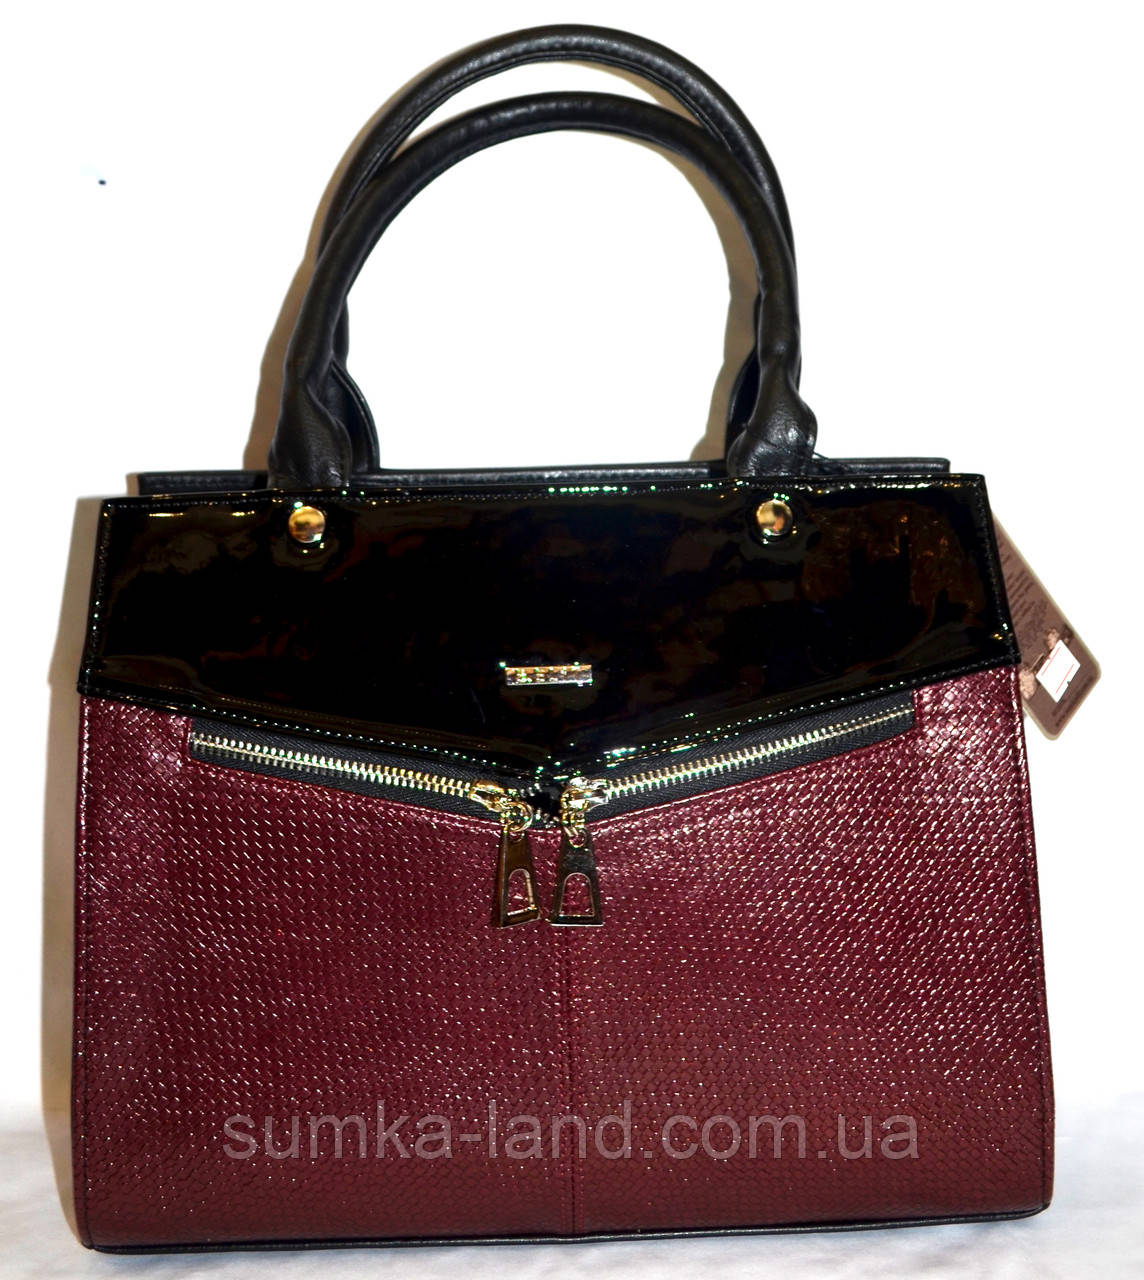 Женская каркасная бордовая сумка B Elit из кожзама с лаковой вставкой, с длинным ремешком 32*26 см